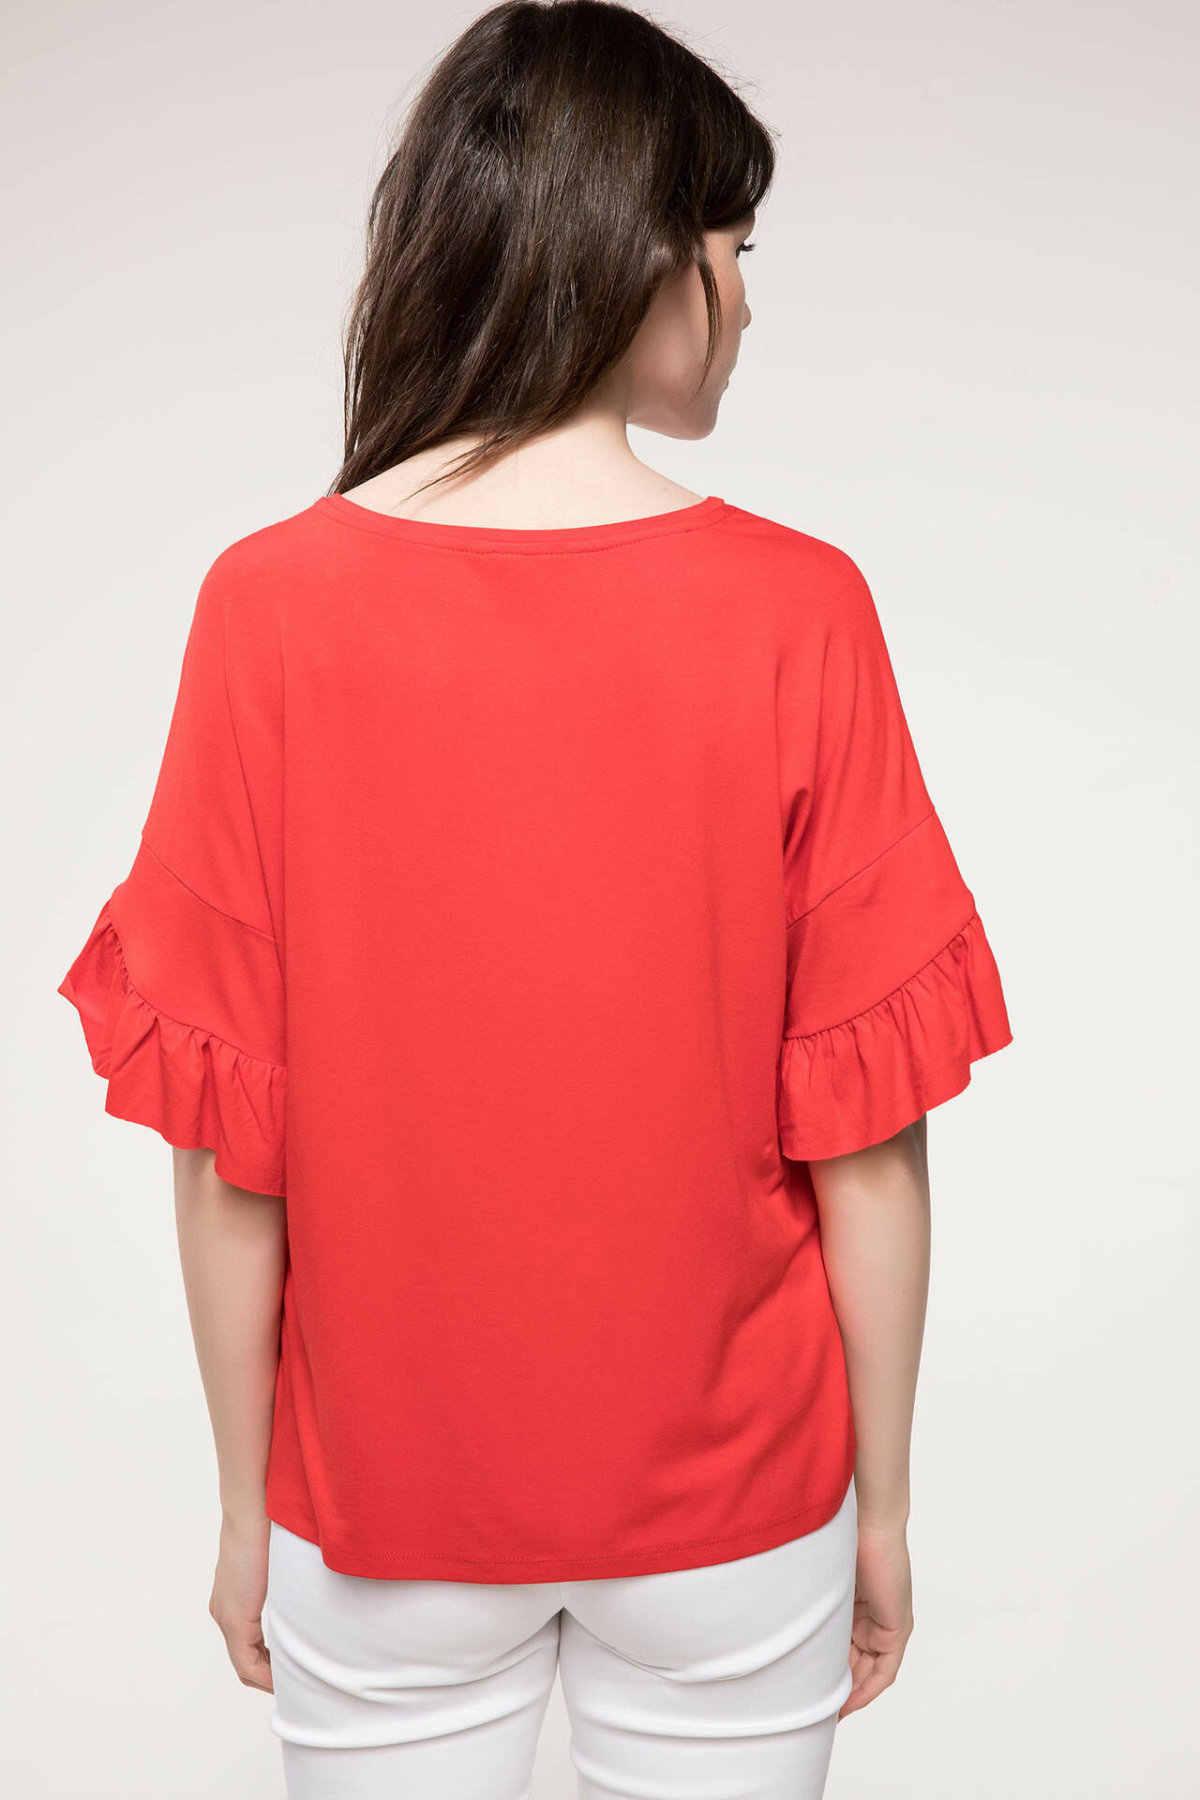 DeFacto Vrouwen Mode Crewneck Tops Vrouwelijke Toevallige Losse Roze Mouw Dames Elegante T-Shirt Zomer Nieuwe-J3178AZ18SM